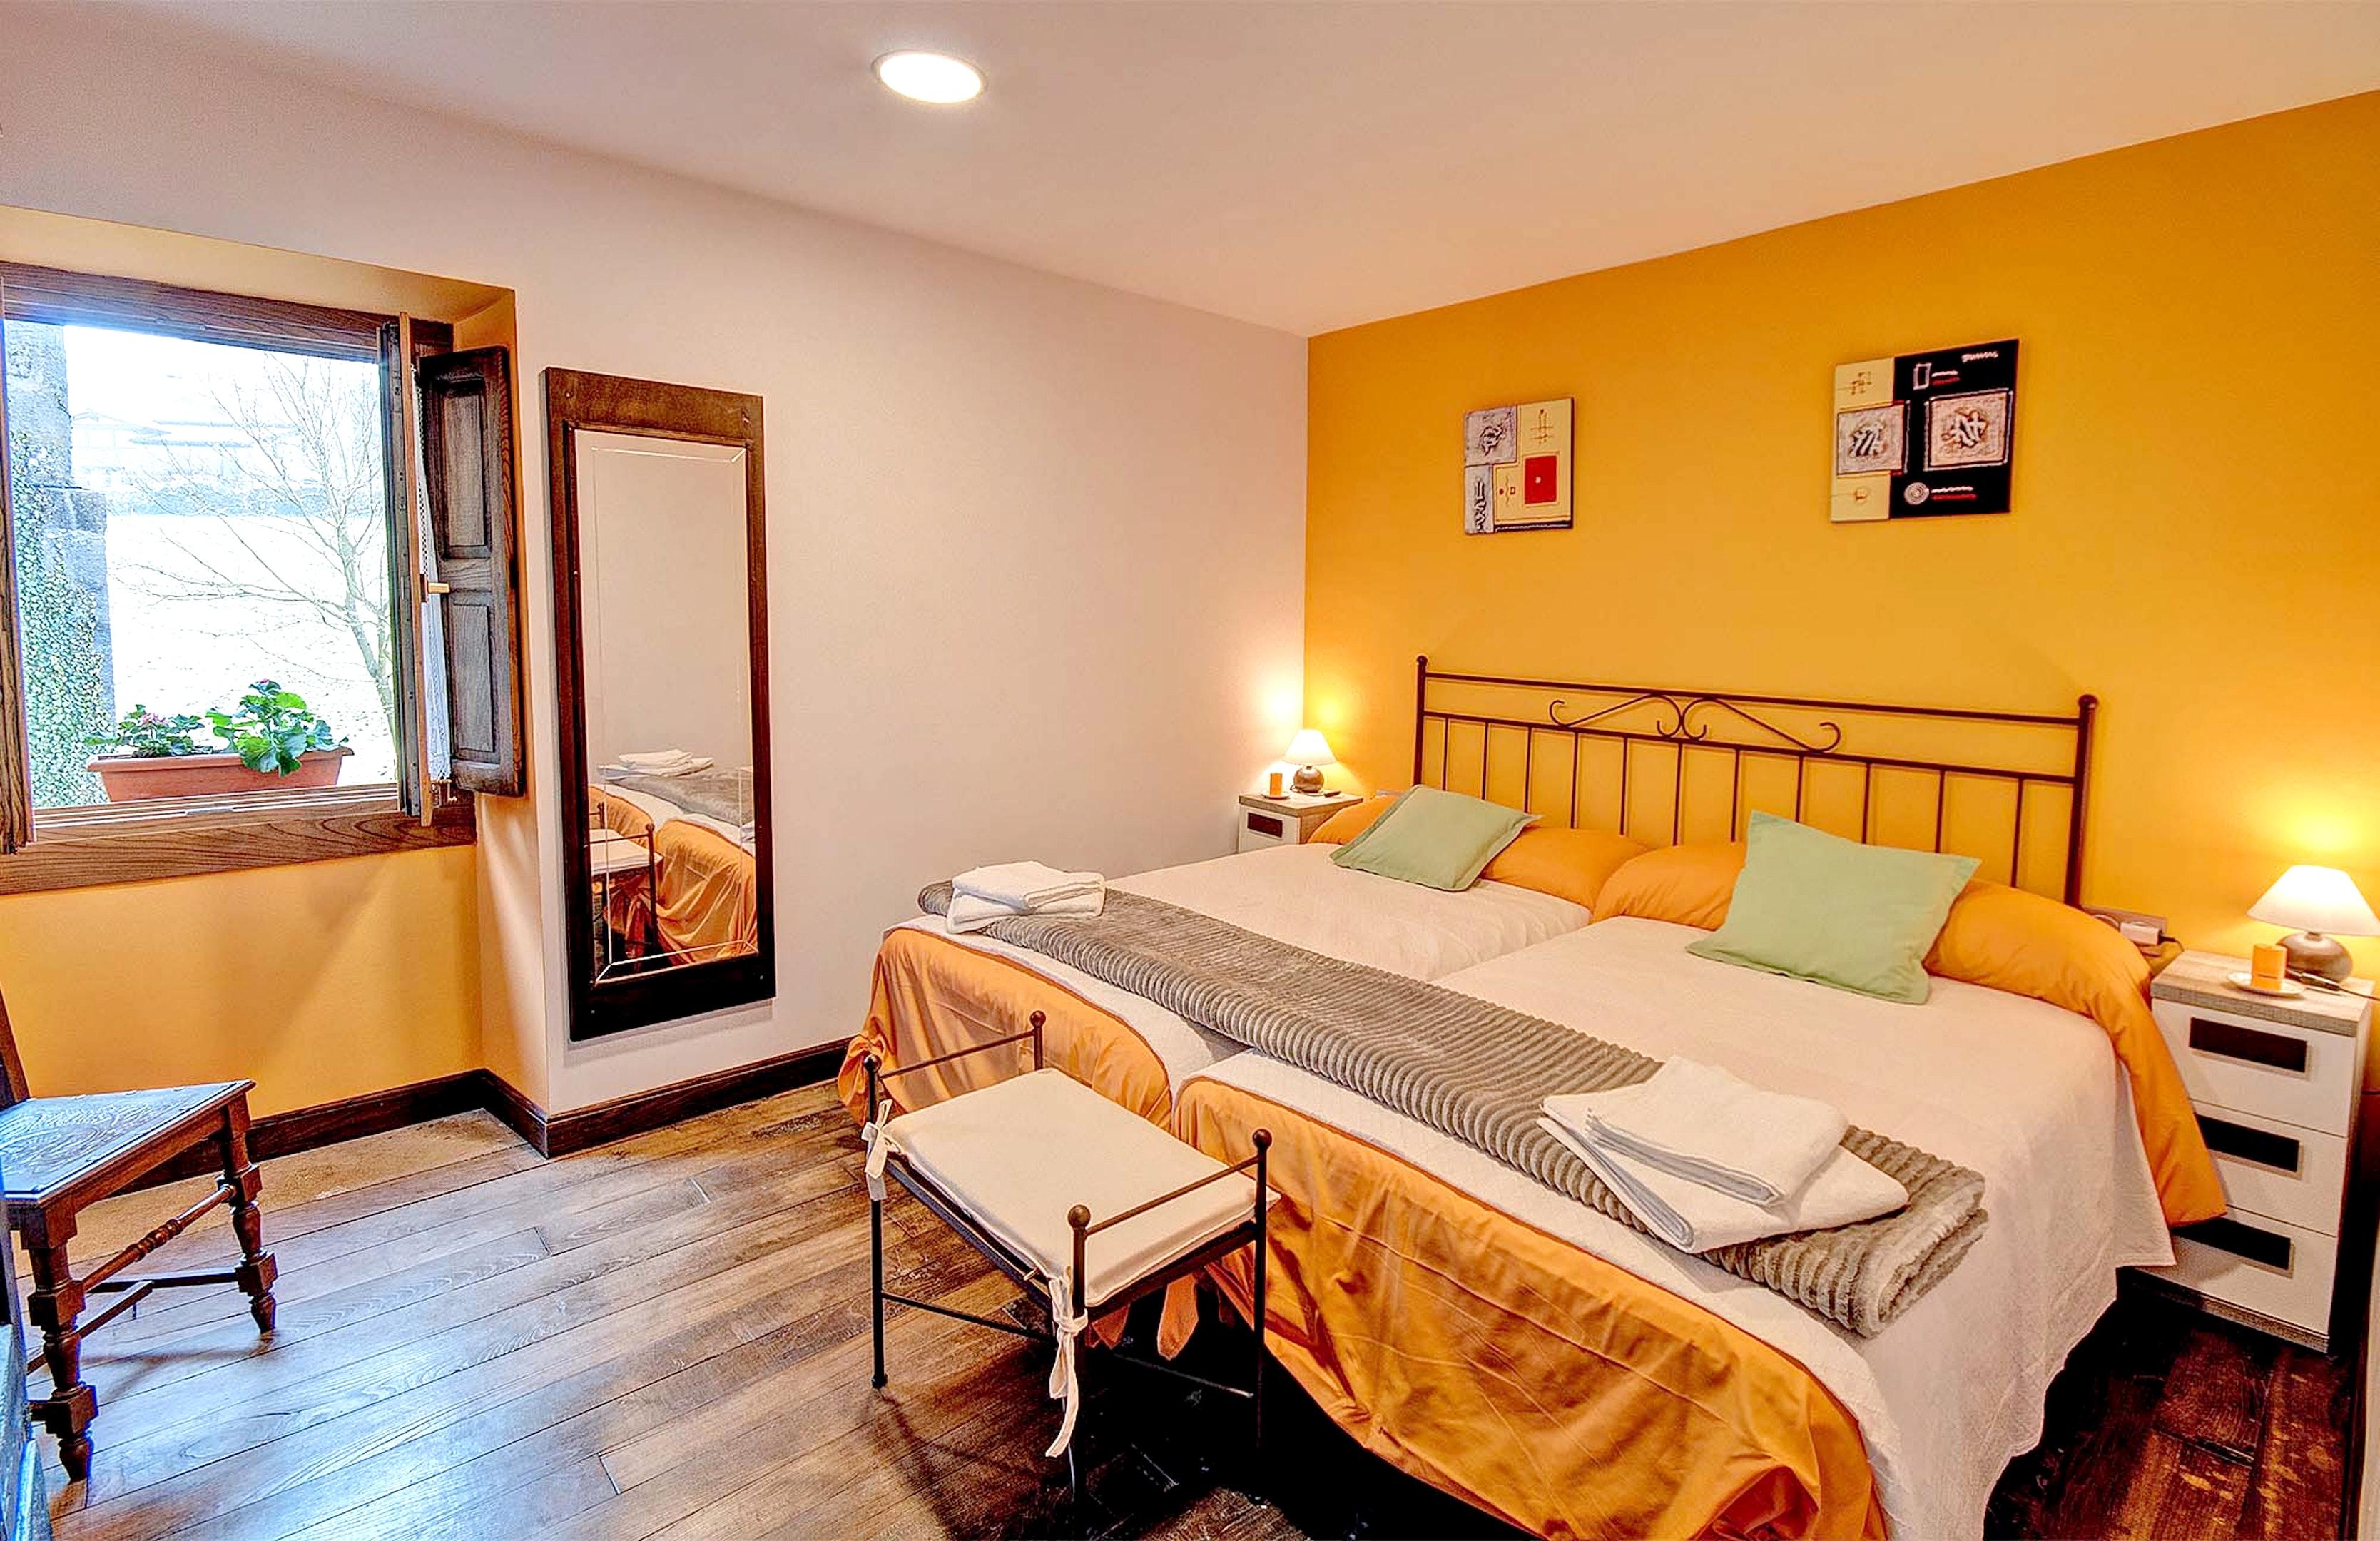 Ferienhaus Haus mit 5 Schlafzimmern in Baráibar mit toller Aussicht auf die Berge, möbliertem Garten  (2541138), Baraibar, , Navarra, Spanien, Bild 6